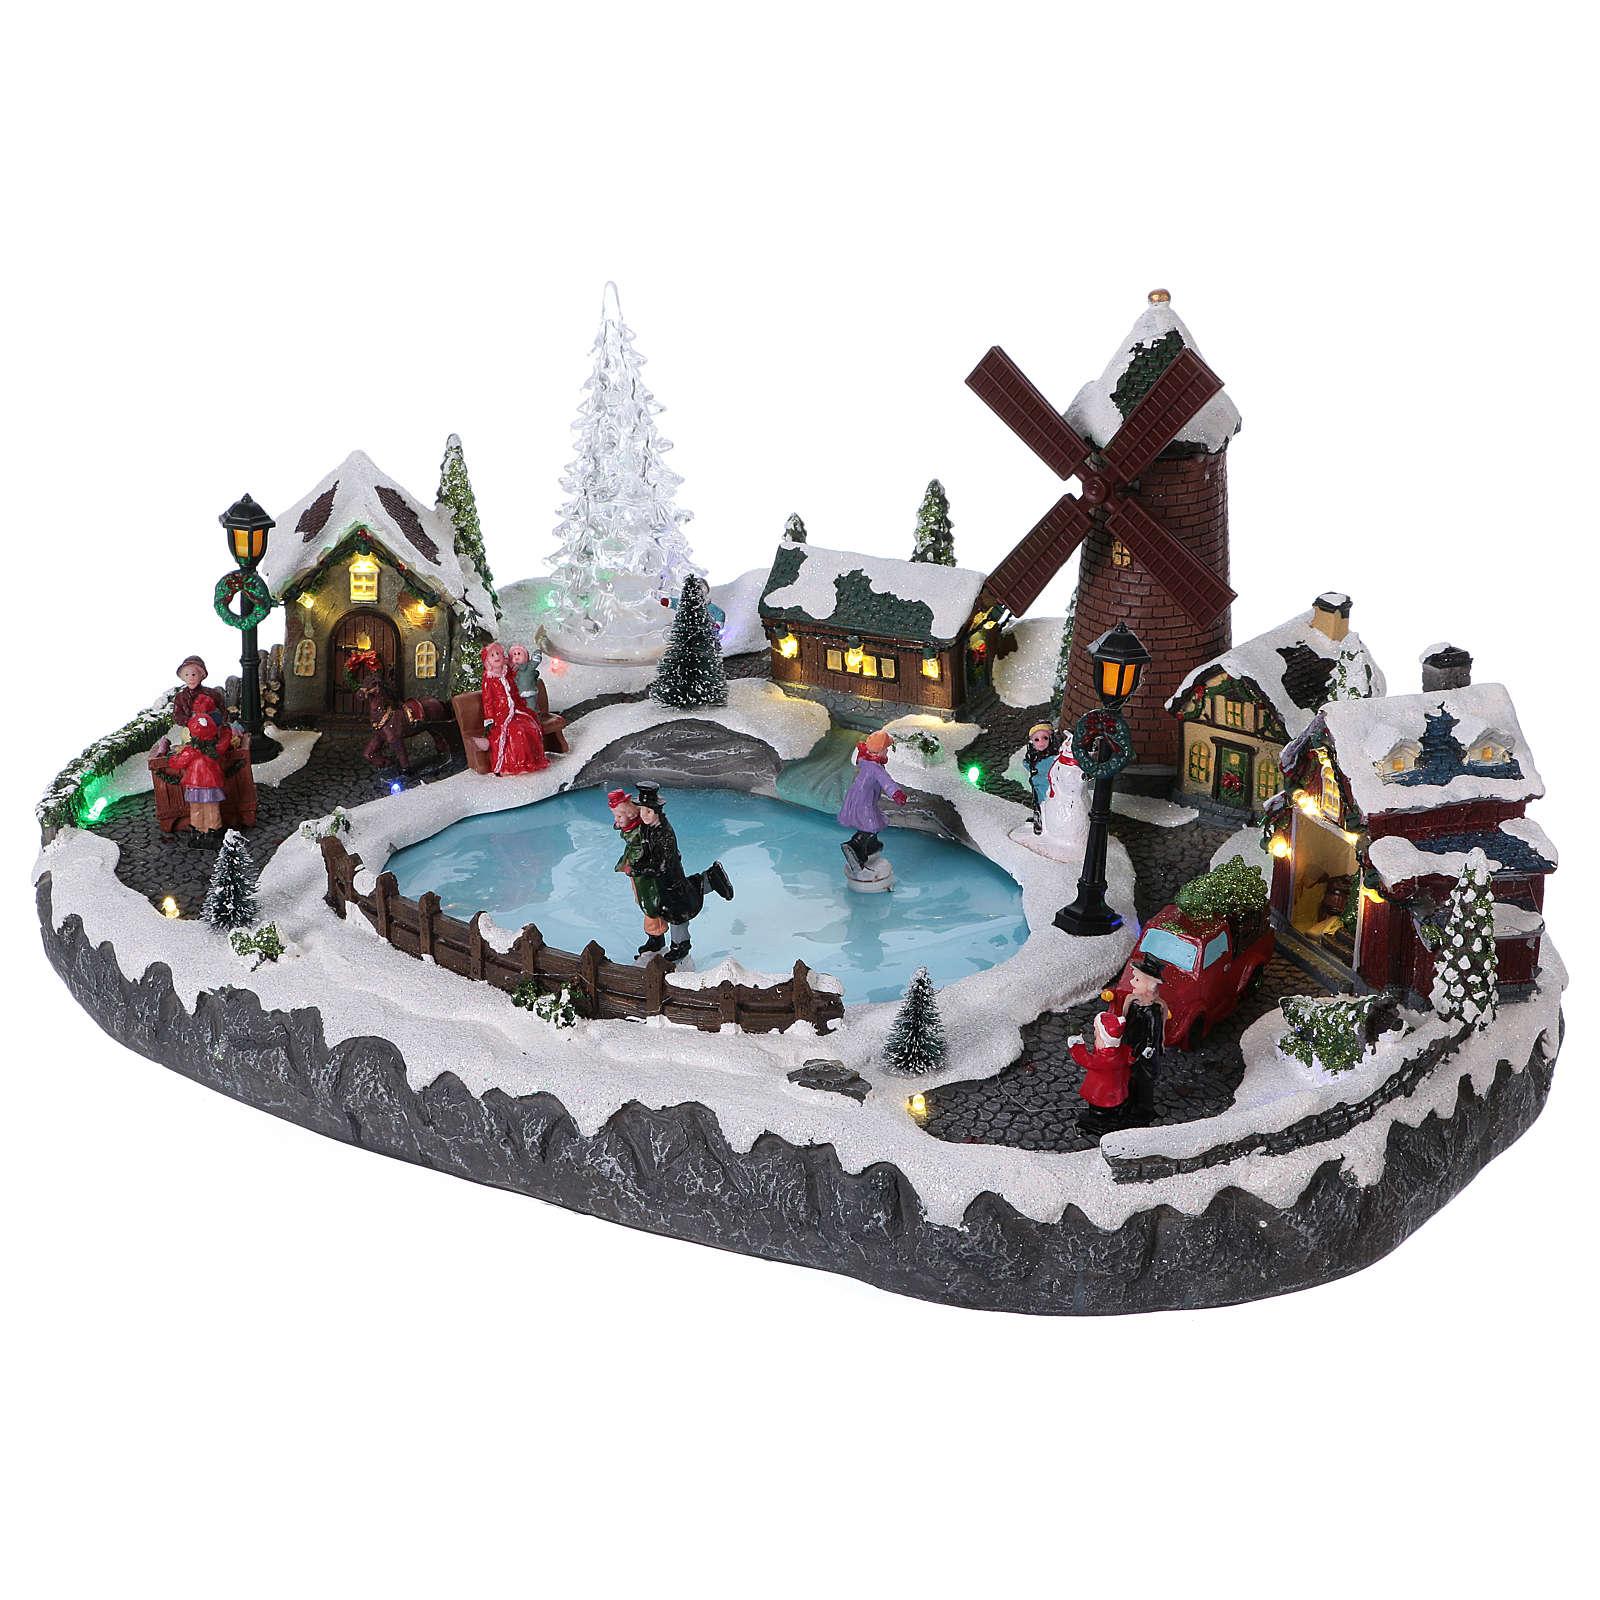 Villaggio Natale 20x45x30 cm albero mulino pattinatori mov batteria e corrente 3